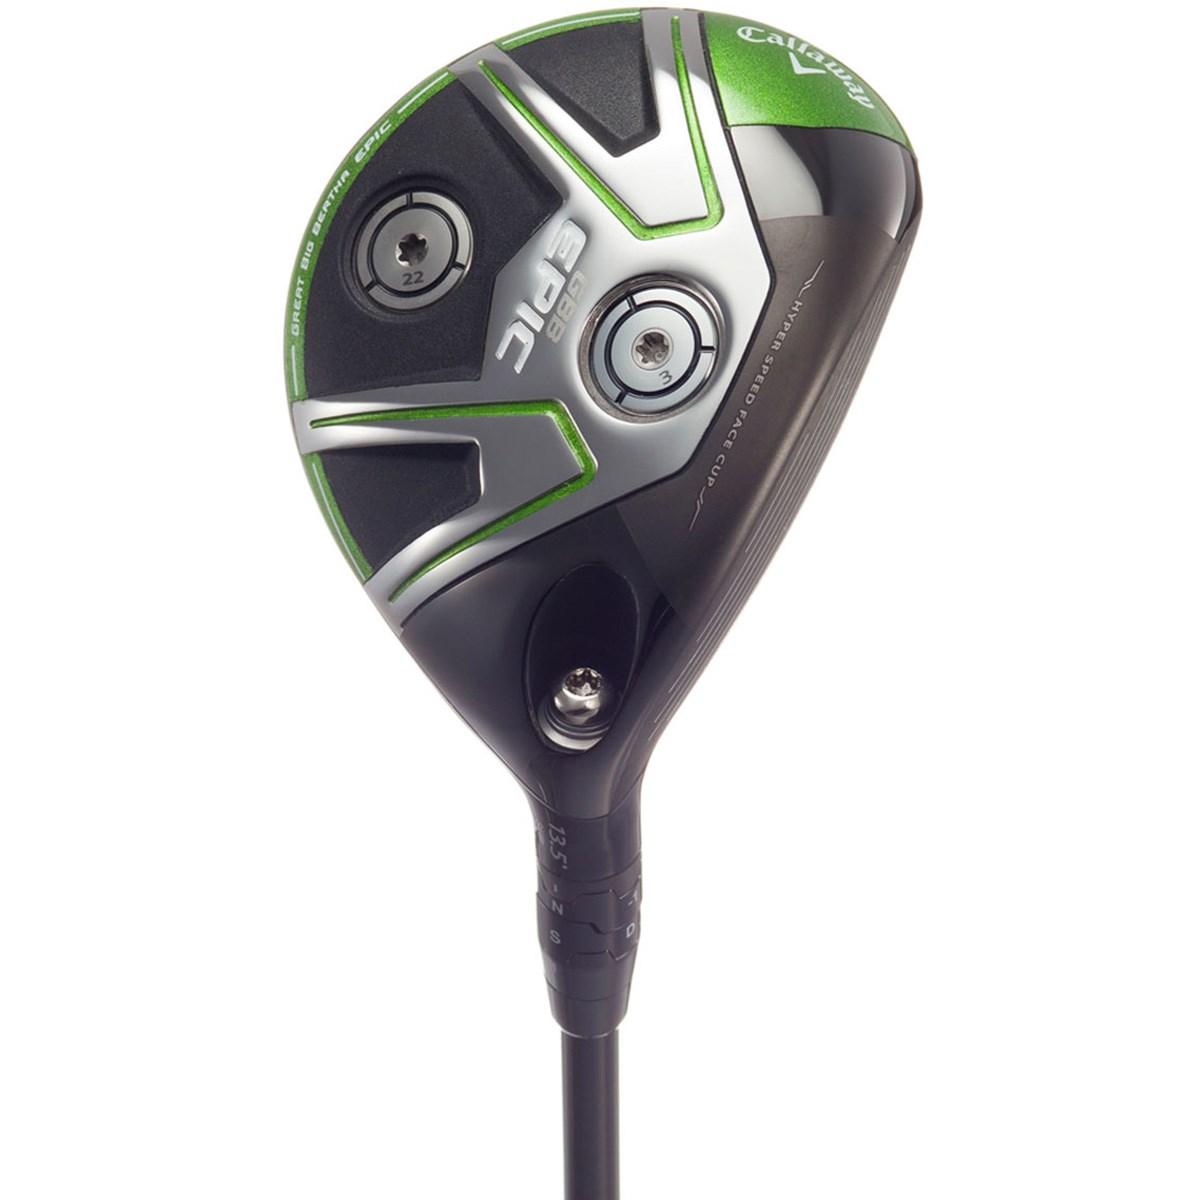 キャロウェイゴルフ(Callaway Golf) GBB エピック サブゼロ フェアウェイウッド Speeder Evolution for GBBレフティ